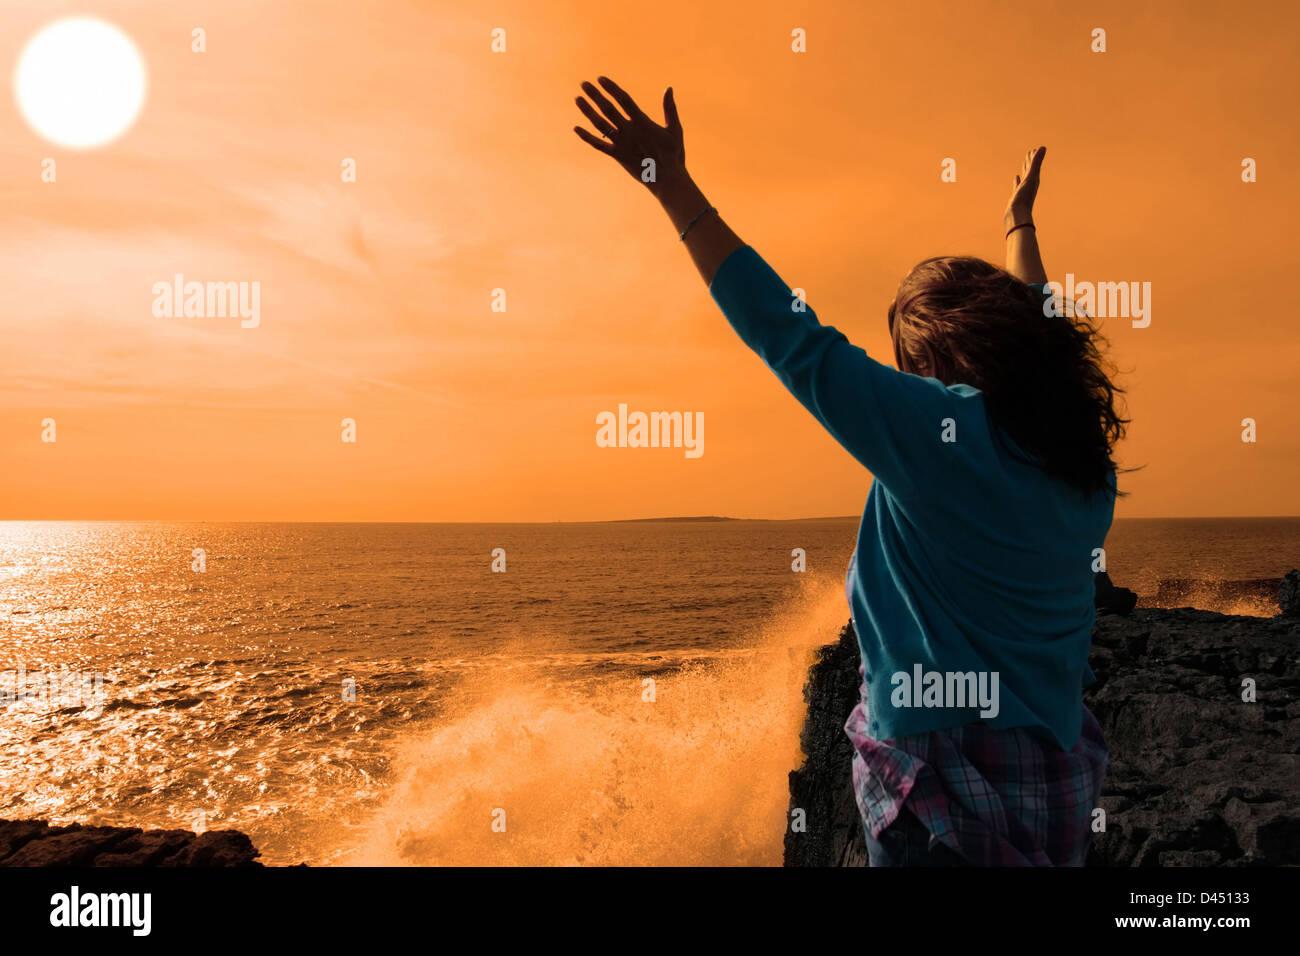 eine einsame Frau, hob die Arme in Ehrfurcht vor den mächtigen Wellen am Rande der Klippen in County Clare Irland Stockfoto